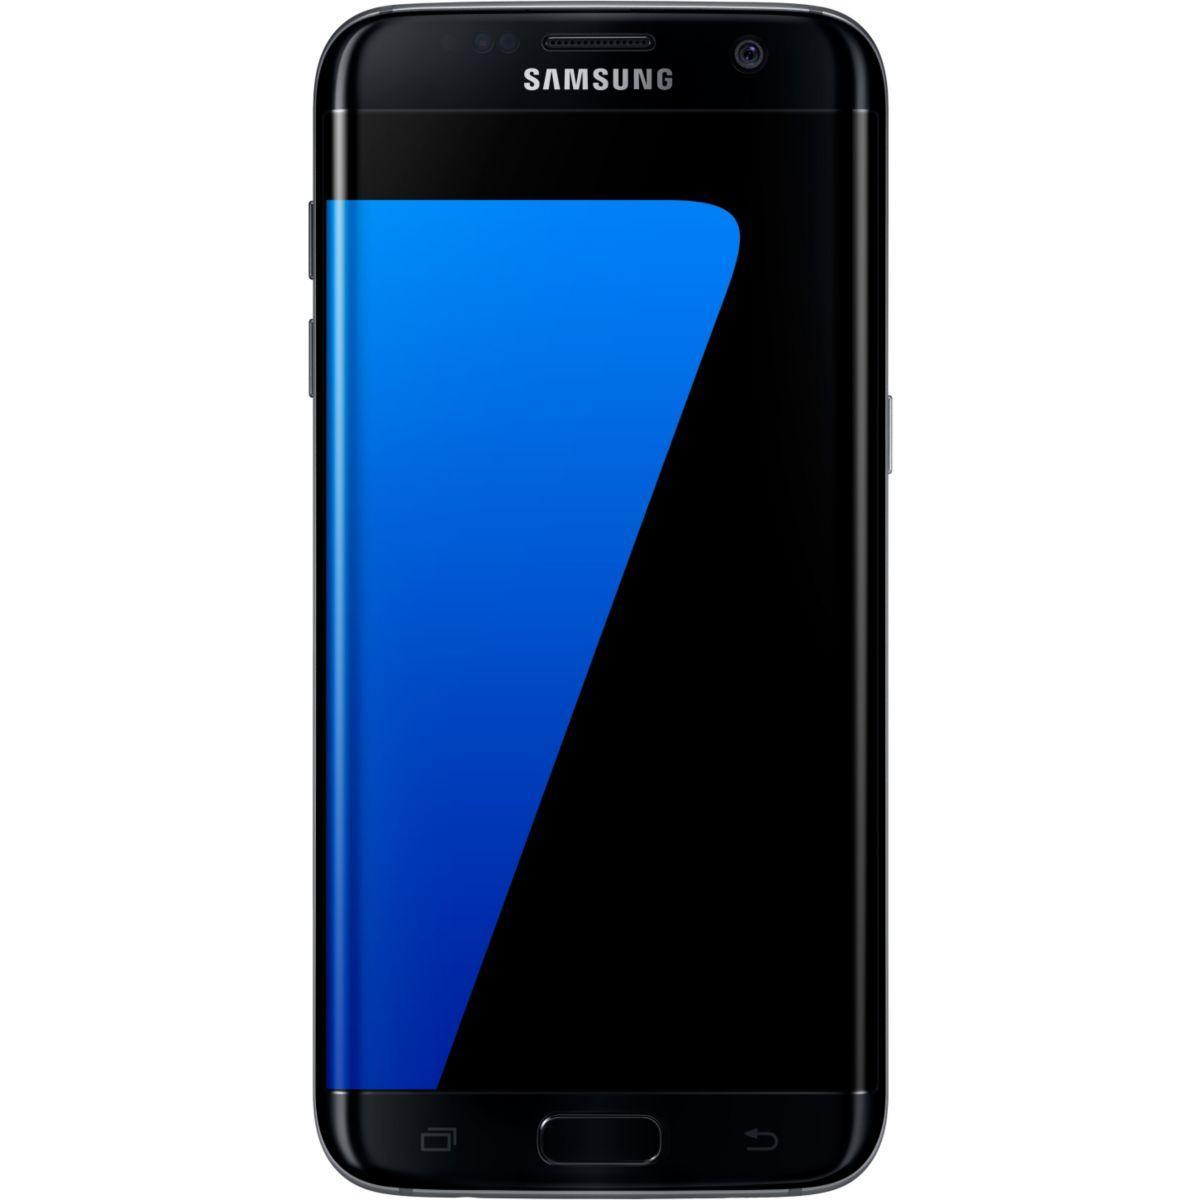 Pack promo smartphone samsung galaxy s7 edge noir 32 go + carte mémoire micro sd samsung 128go evo plus classe 10 + adaptateur - soldes et bonnes affa